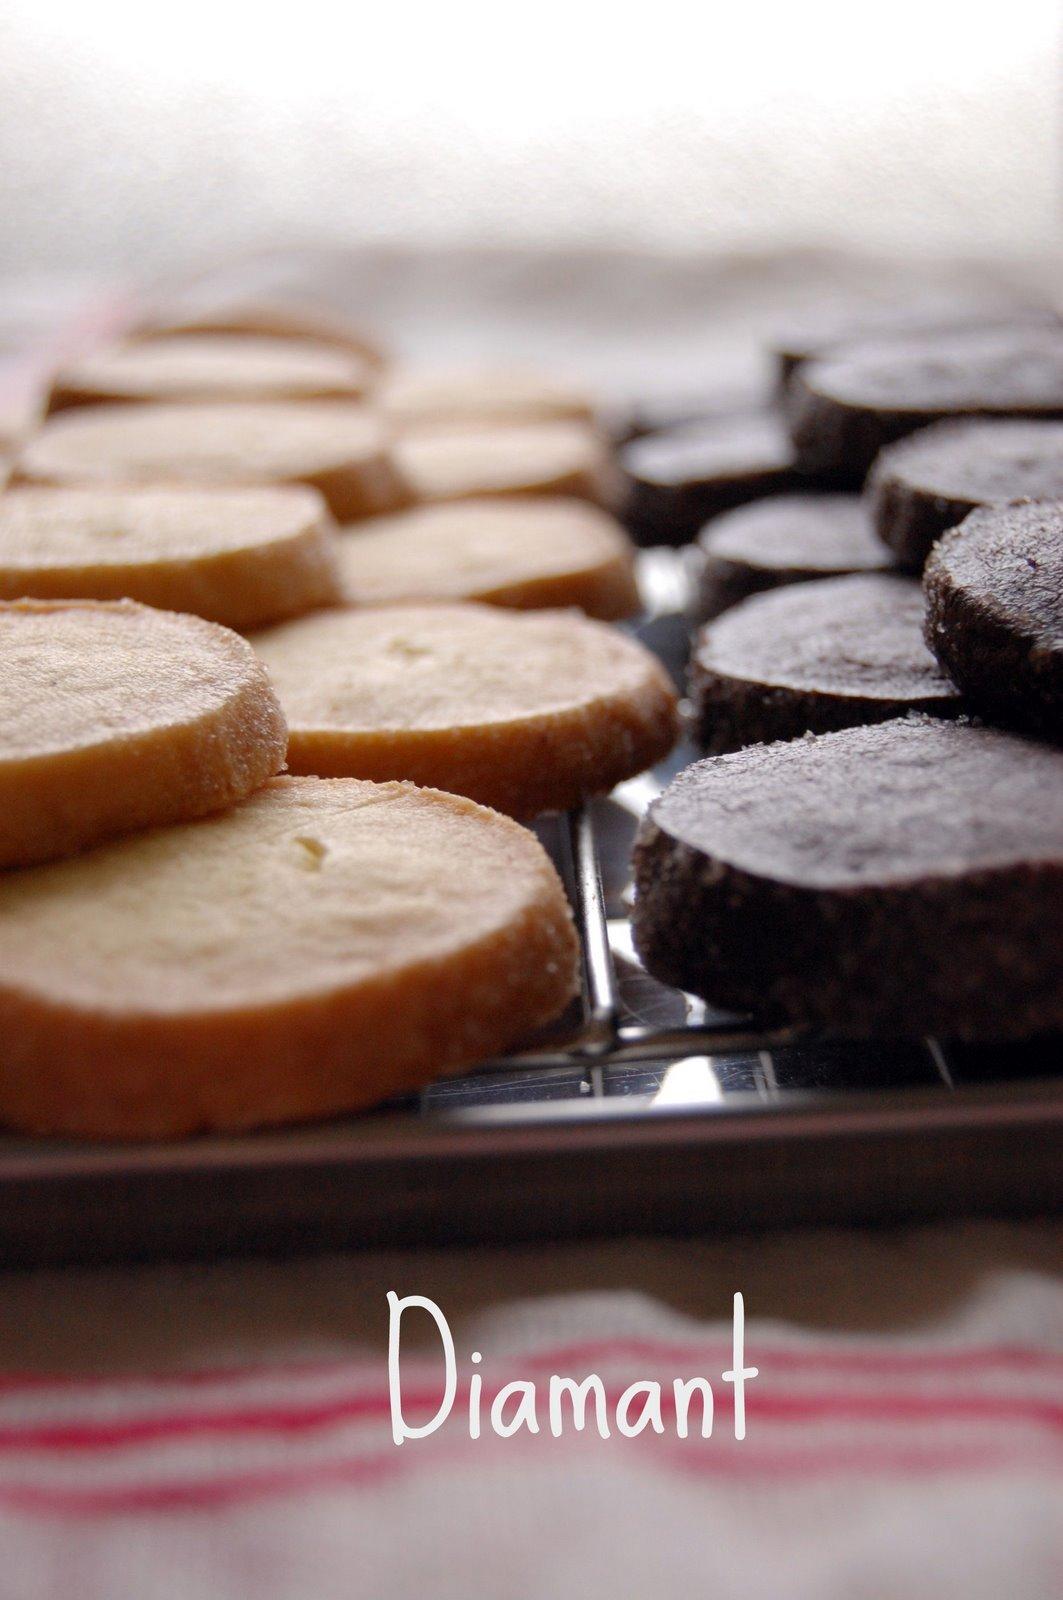 クッキー ディアマン さくほろ感に感動♡フランス発!宝石みたいなディアマンクッキーが簡単に作れる! |E